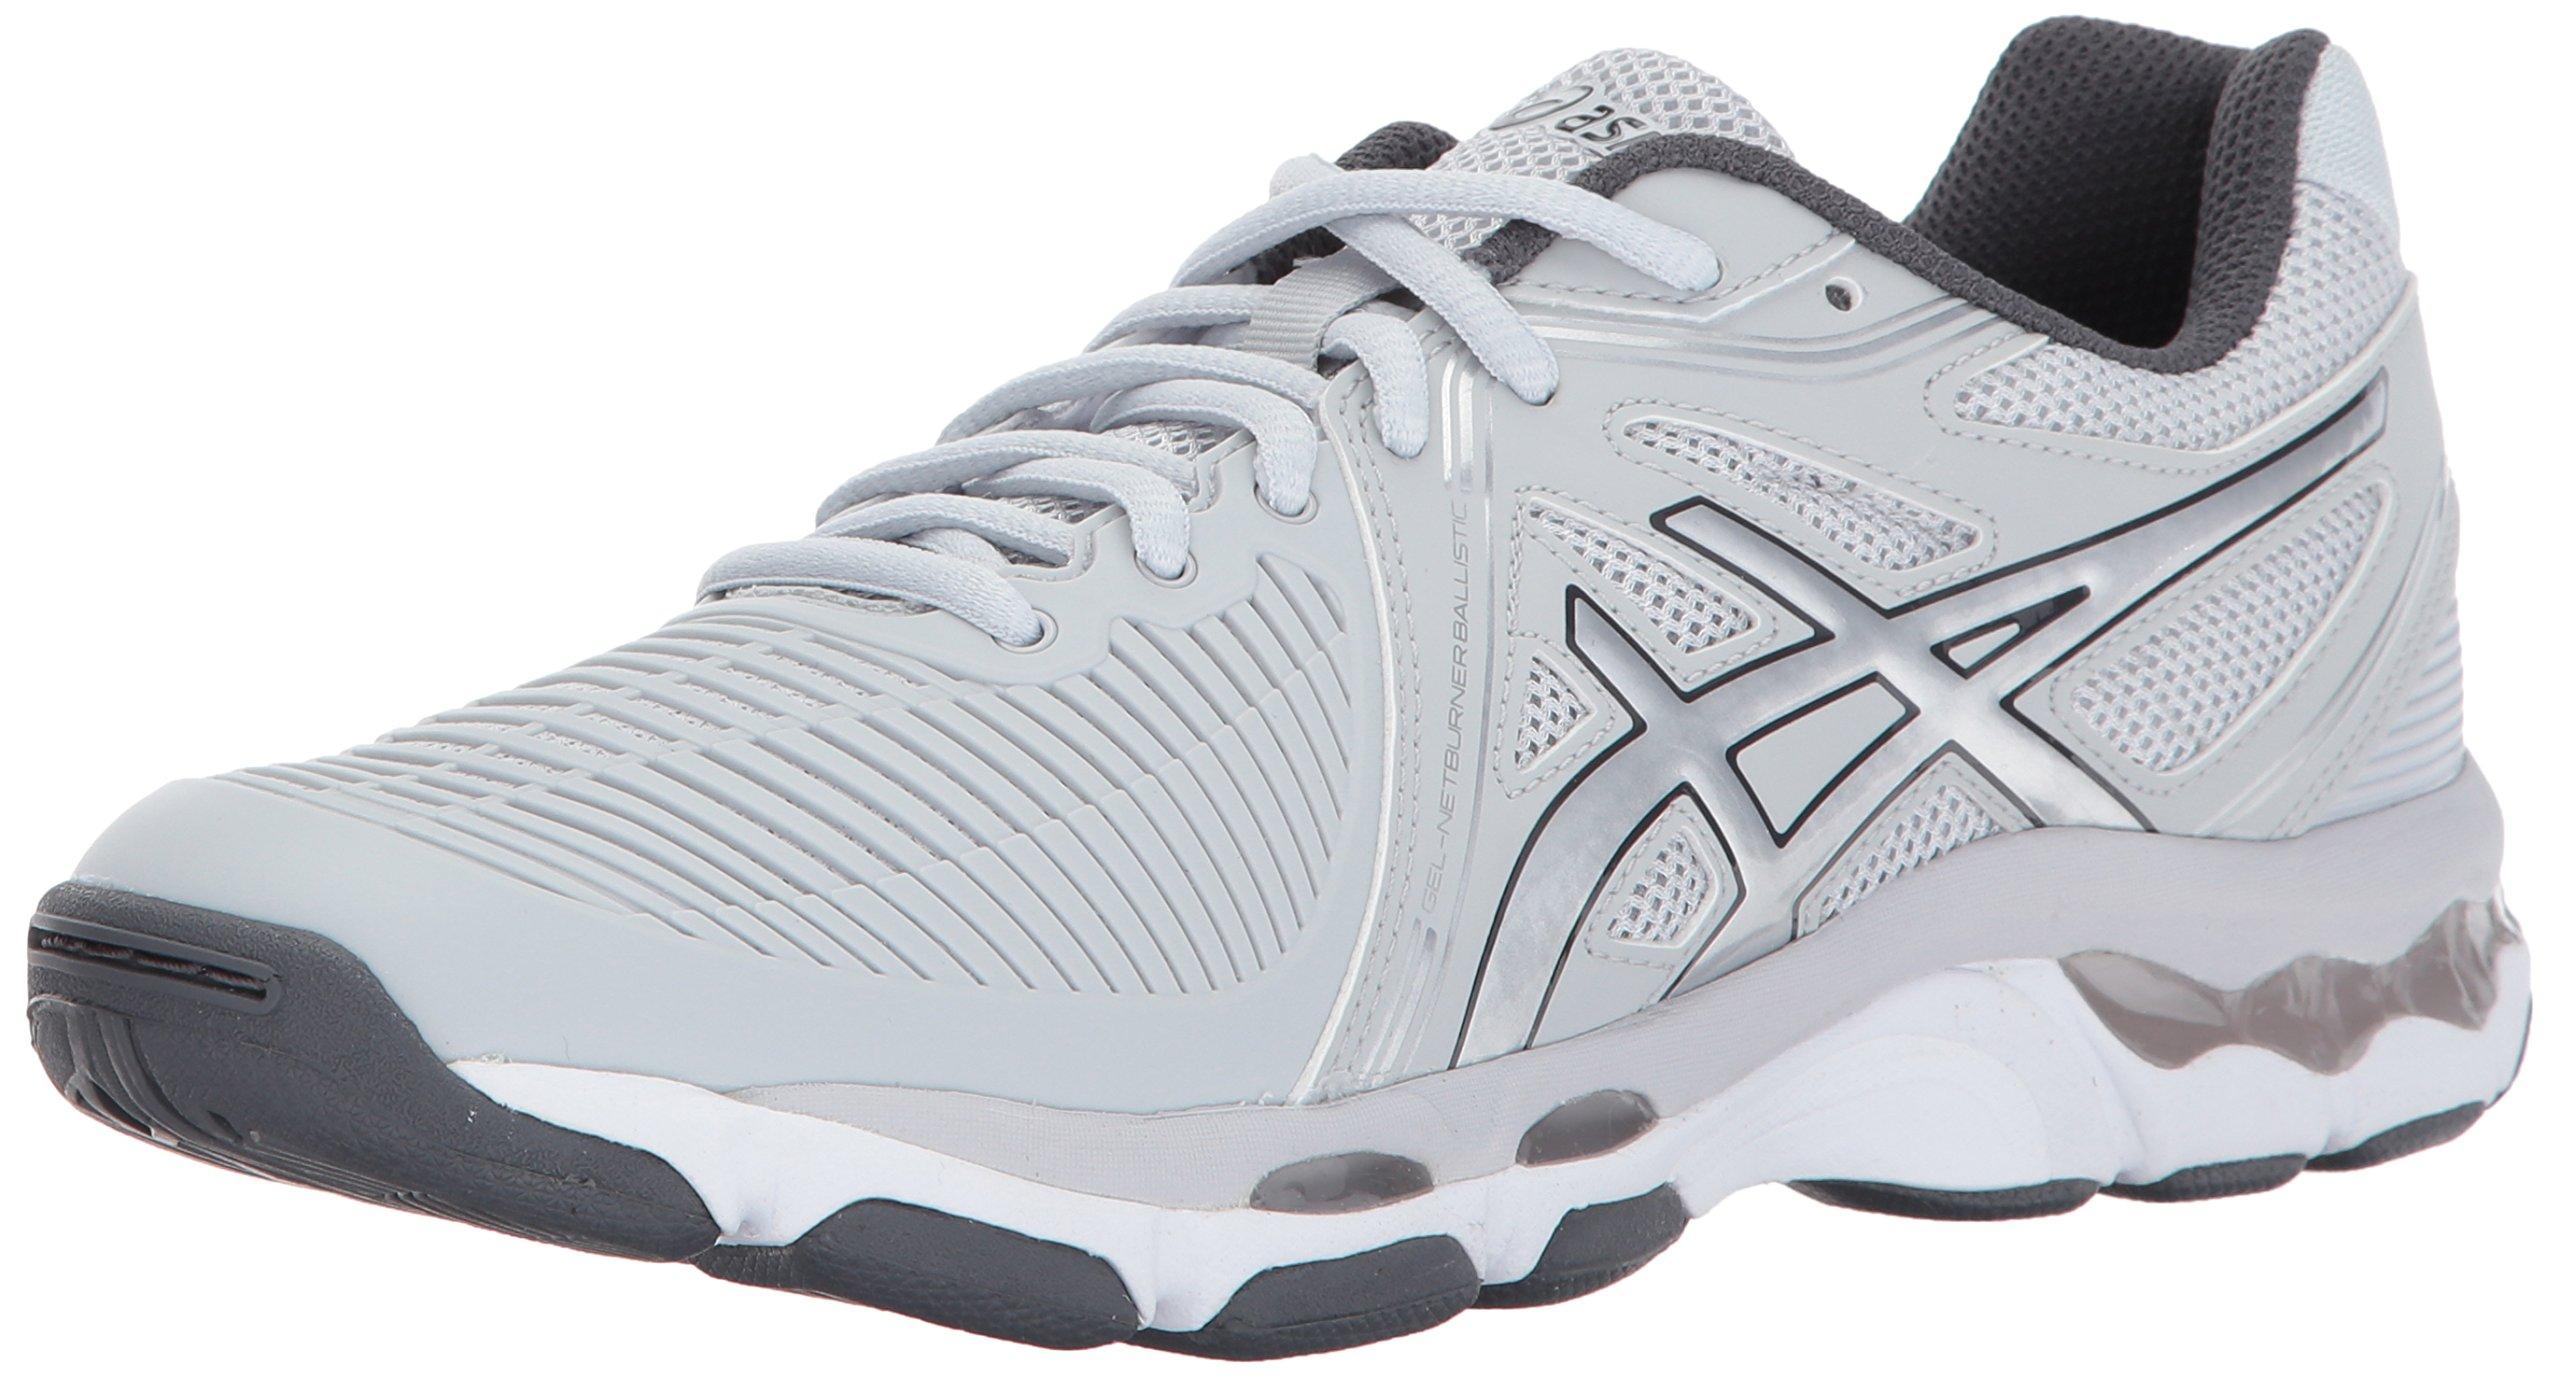 ASICS Women's Gel-Netburner Ballistic Volleyball-Shoes